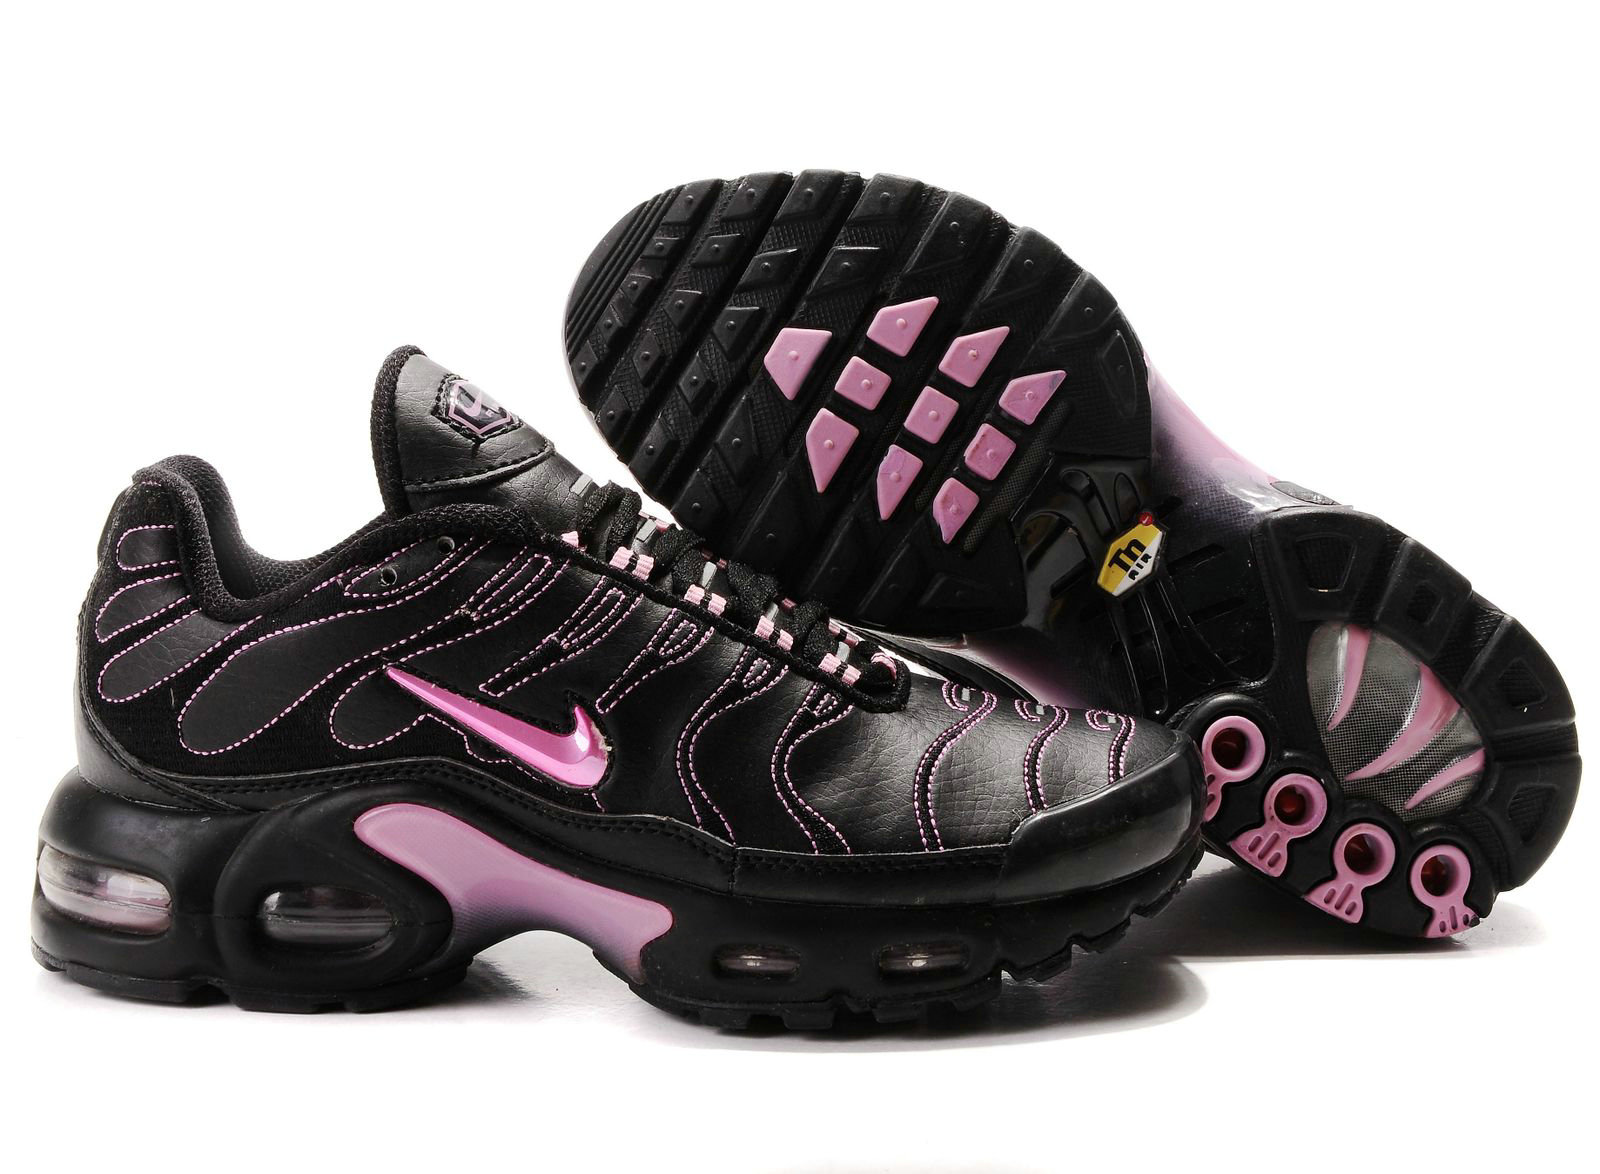 online retailer fb269 bd8e0 Chaussures Nike air max TN femme mode Noir et Rose,airmax90,l unique